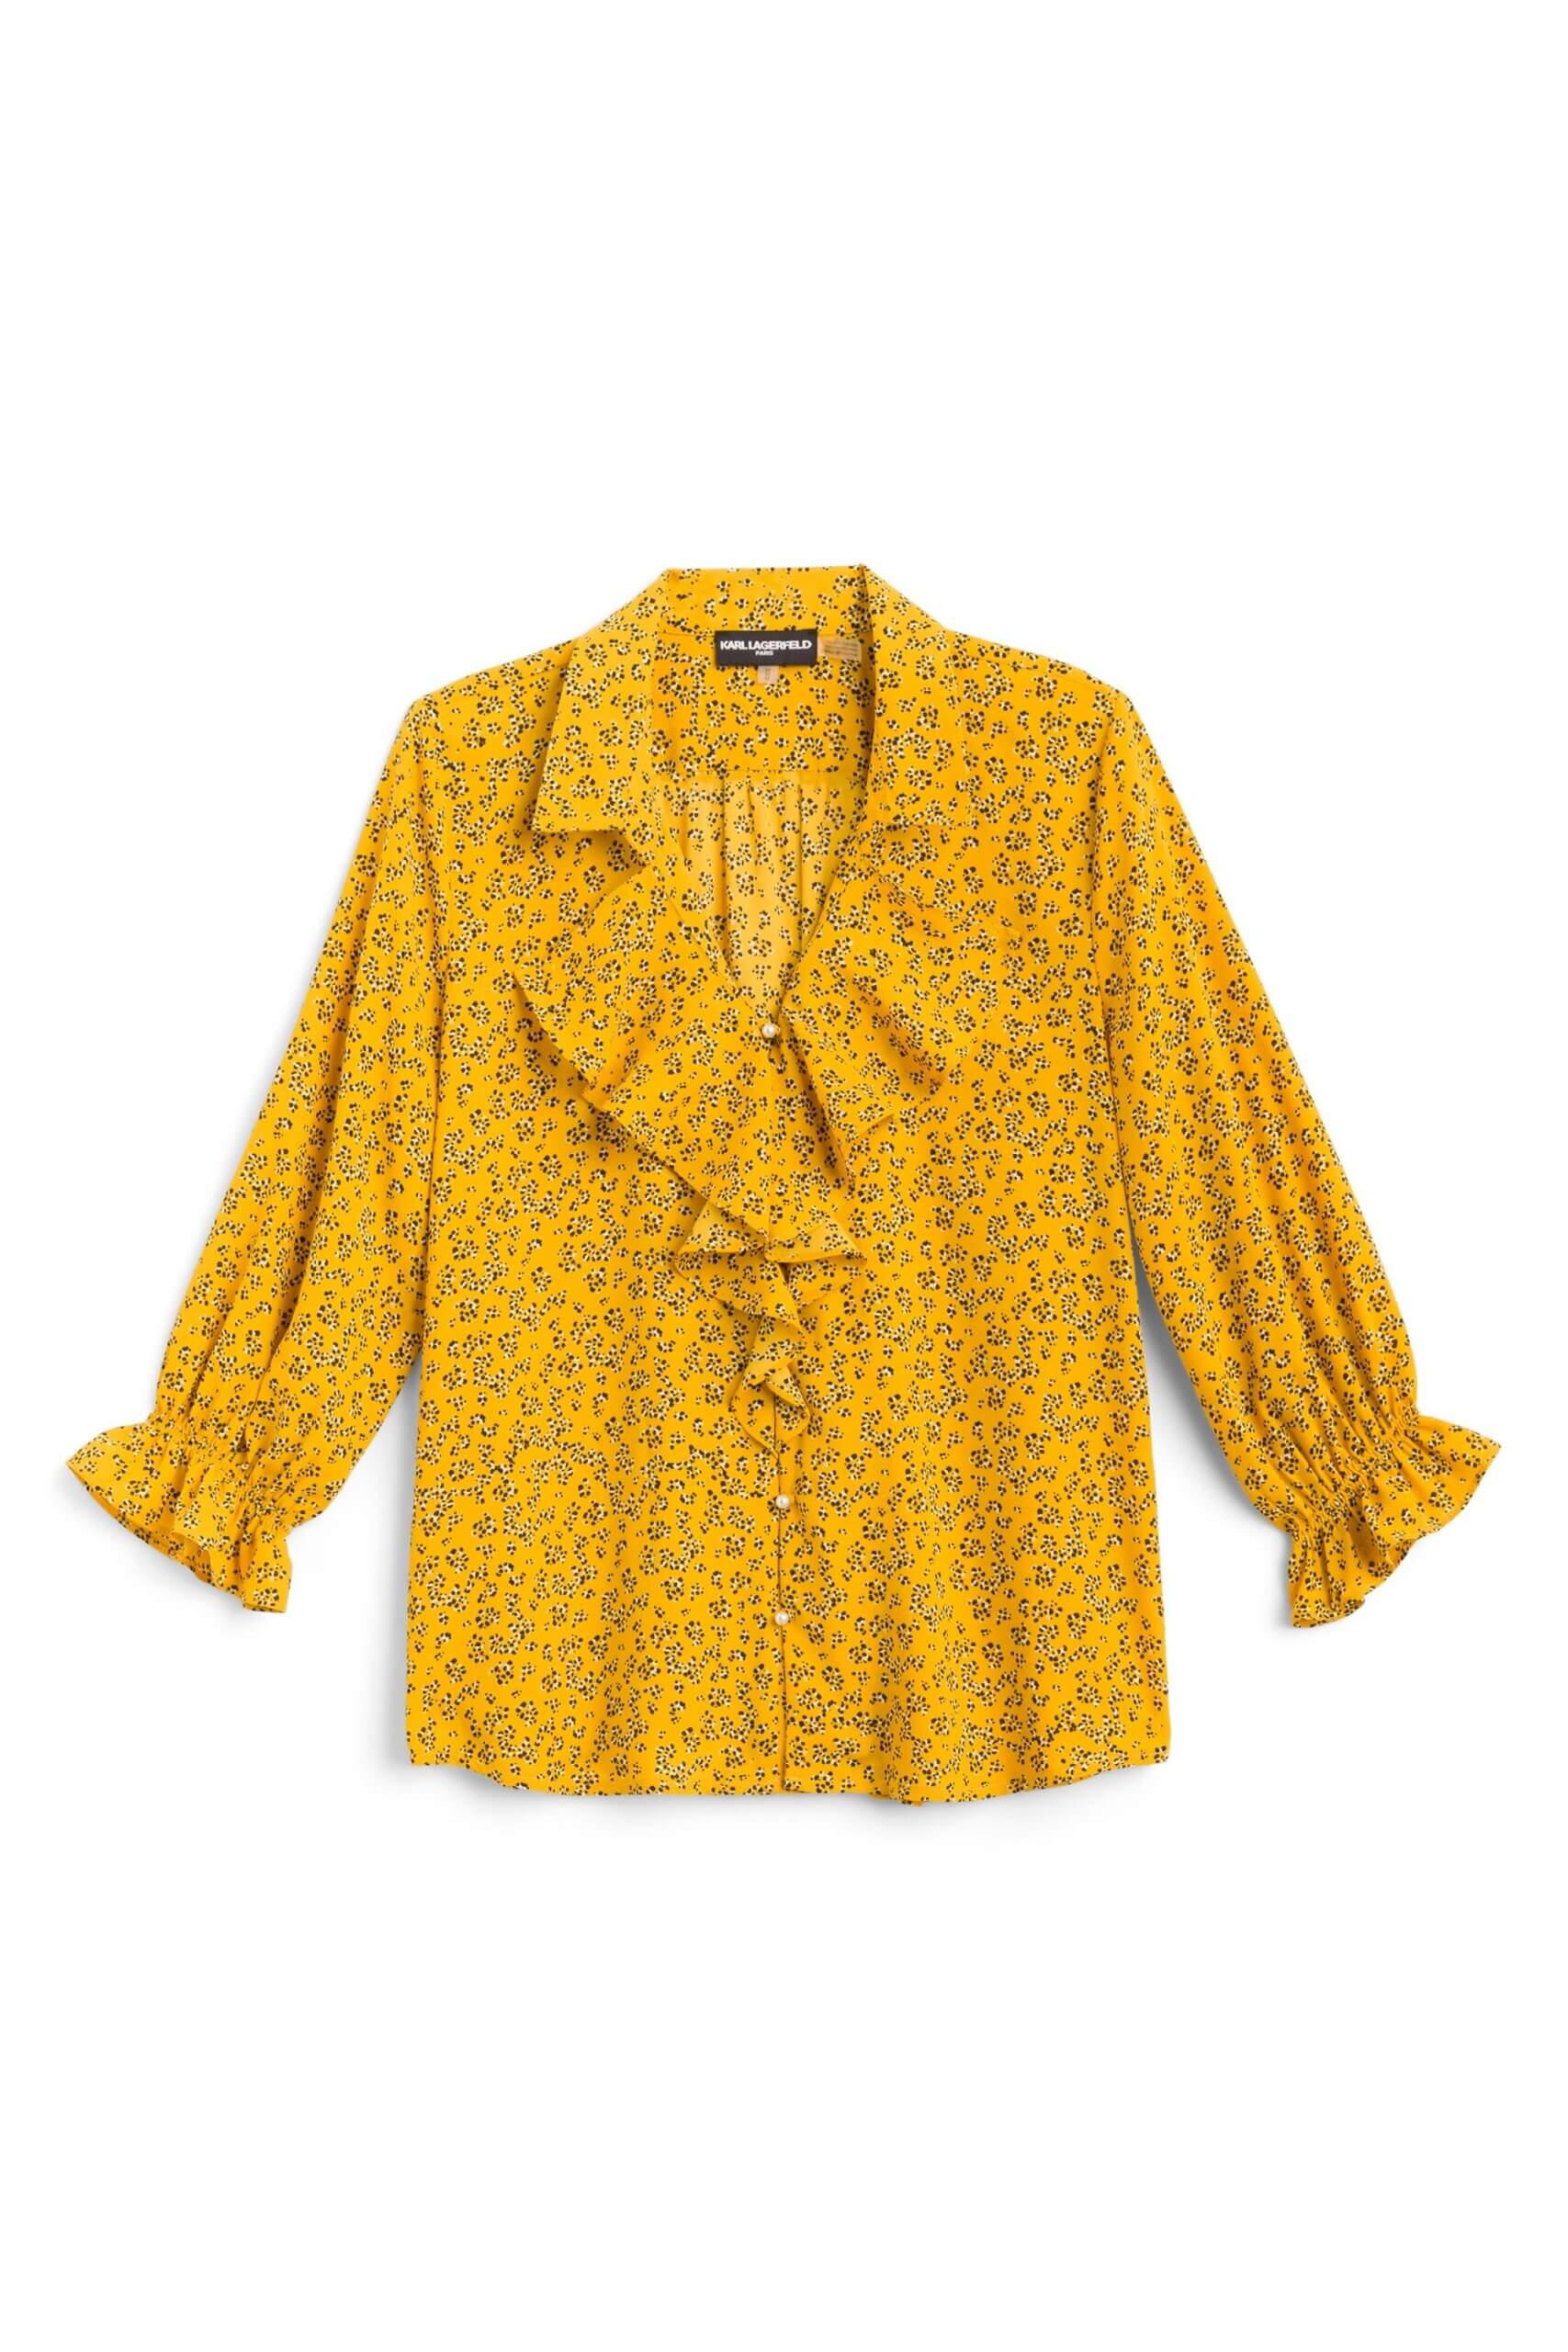 Stitch Fix Women's yellow ruffle neck blouse.